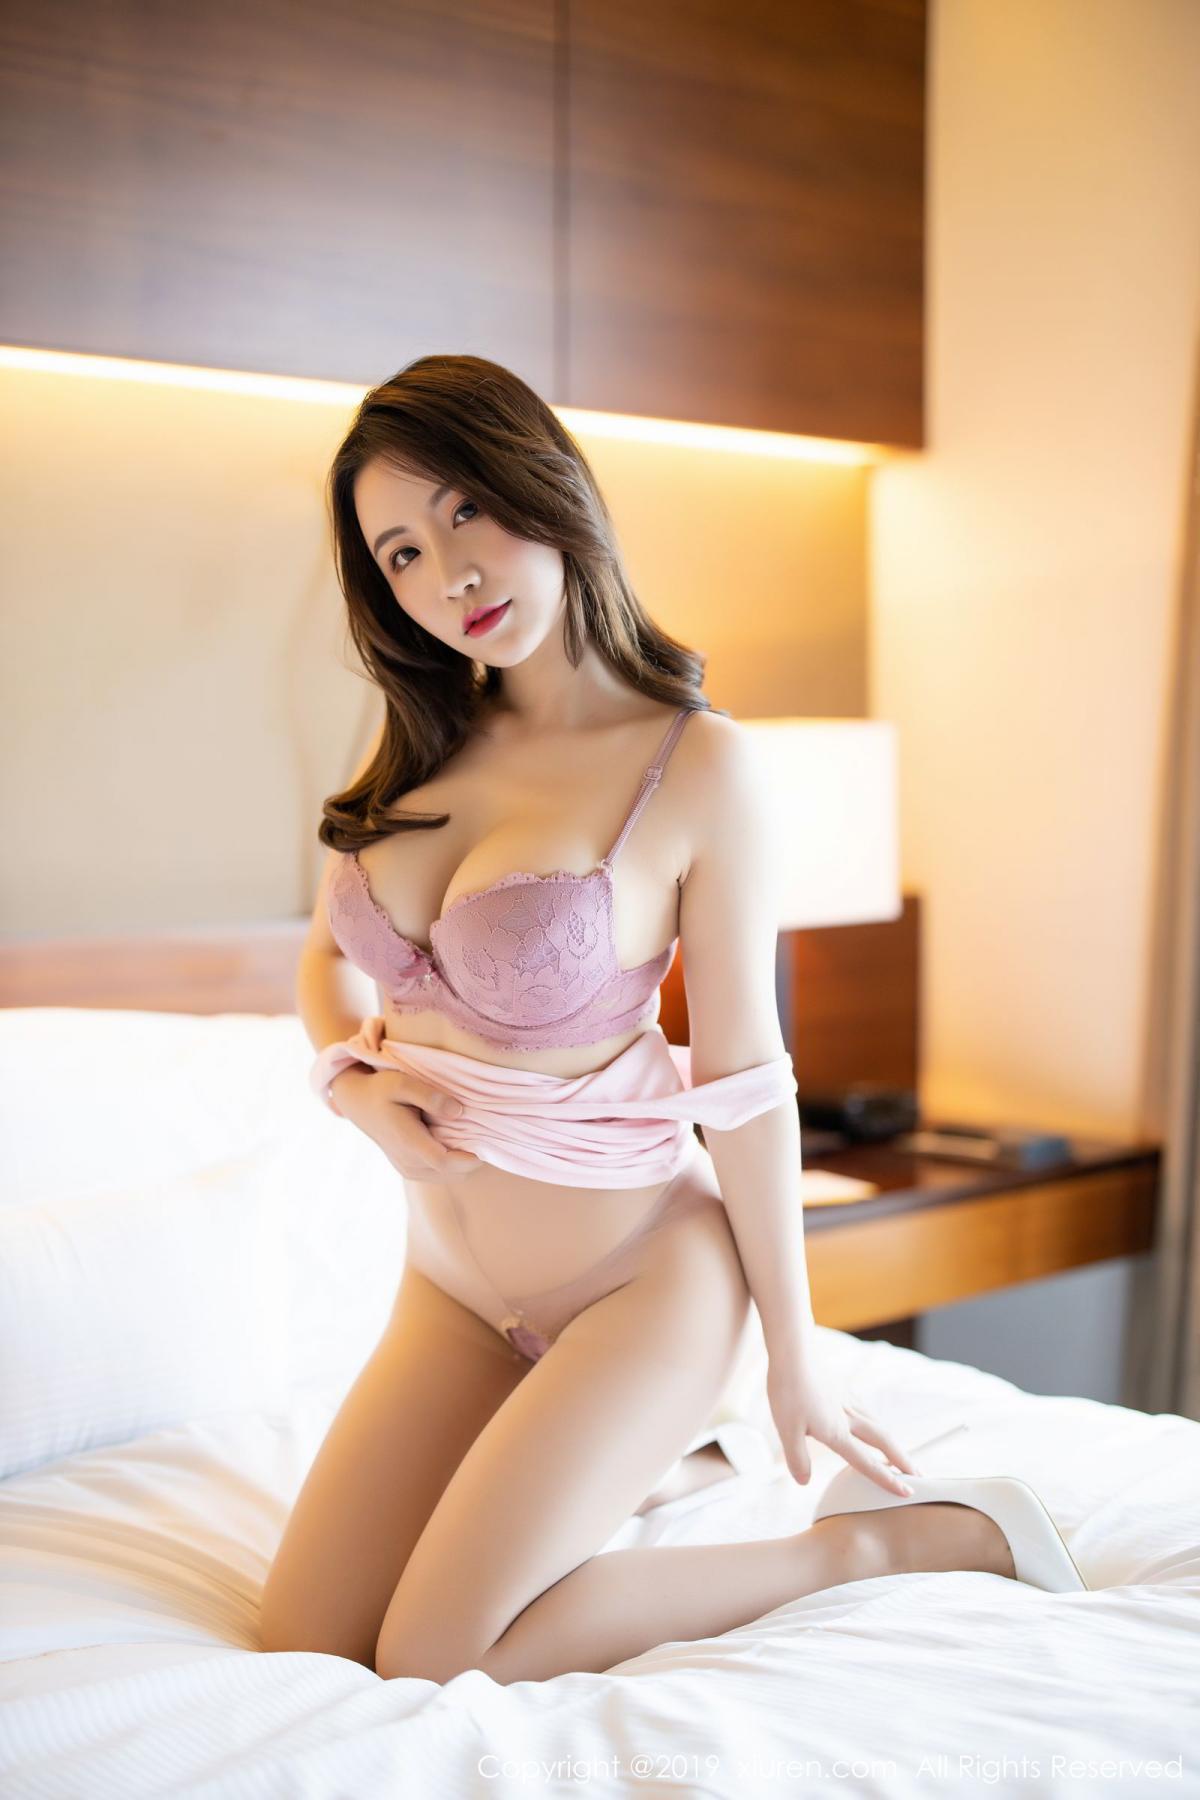 [XiaoYu] Vol.1697 Xie Zhi Xin 34P, Home, Sexy, XiaoYu, Xie Zhi Xin